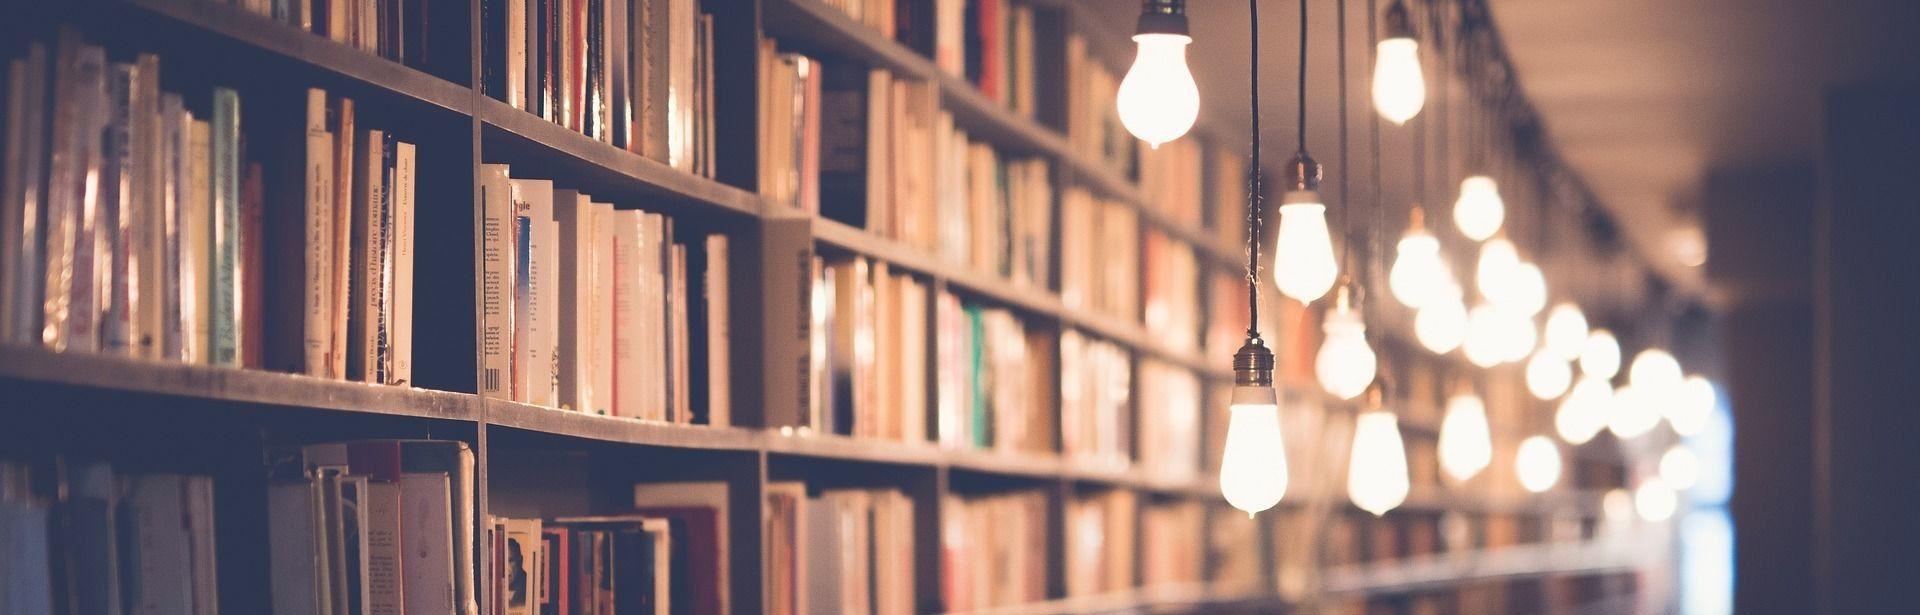 Ermäßigte Umsatzsteuer auf eBook und ePaper